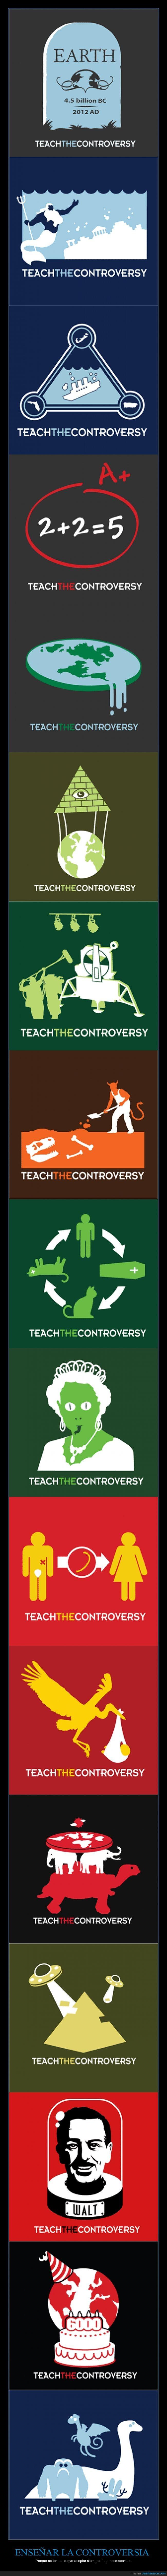 2+2=5,adan y eva,aliens,ciencia,cigueñas,conspiración lunar,controversia,creacionismo,creencia,diablo,dinosaurios,diseño inteligente,dragón,enseñar,estupidez,evolución,illuminati,mayas,mito,monstruo,ovnis,pirámide,plana,poseidón,redonda,reencarnación,reina,reptil,sarcasmo,teoría,tierra joven,tortuga cosmología,triangulo de las bermudas,walt disney